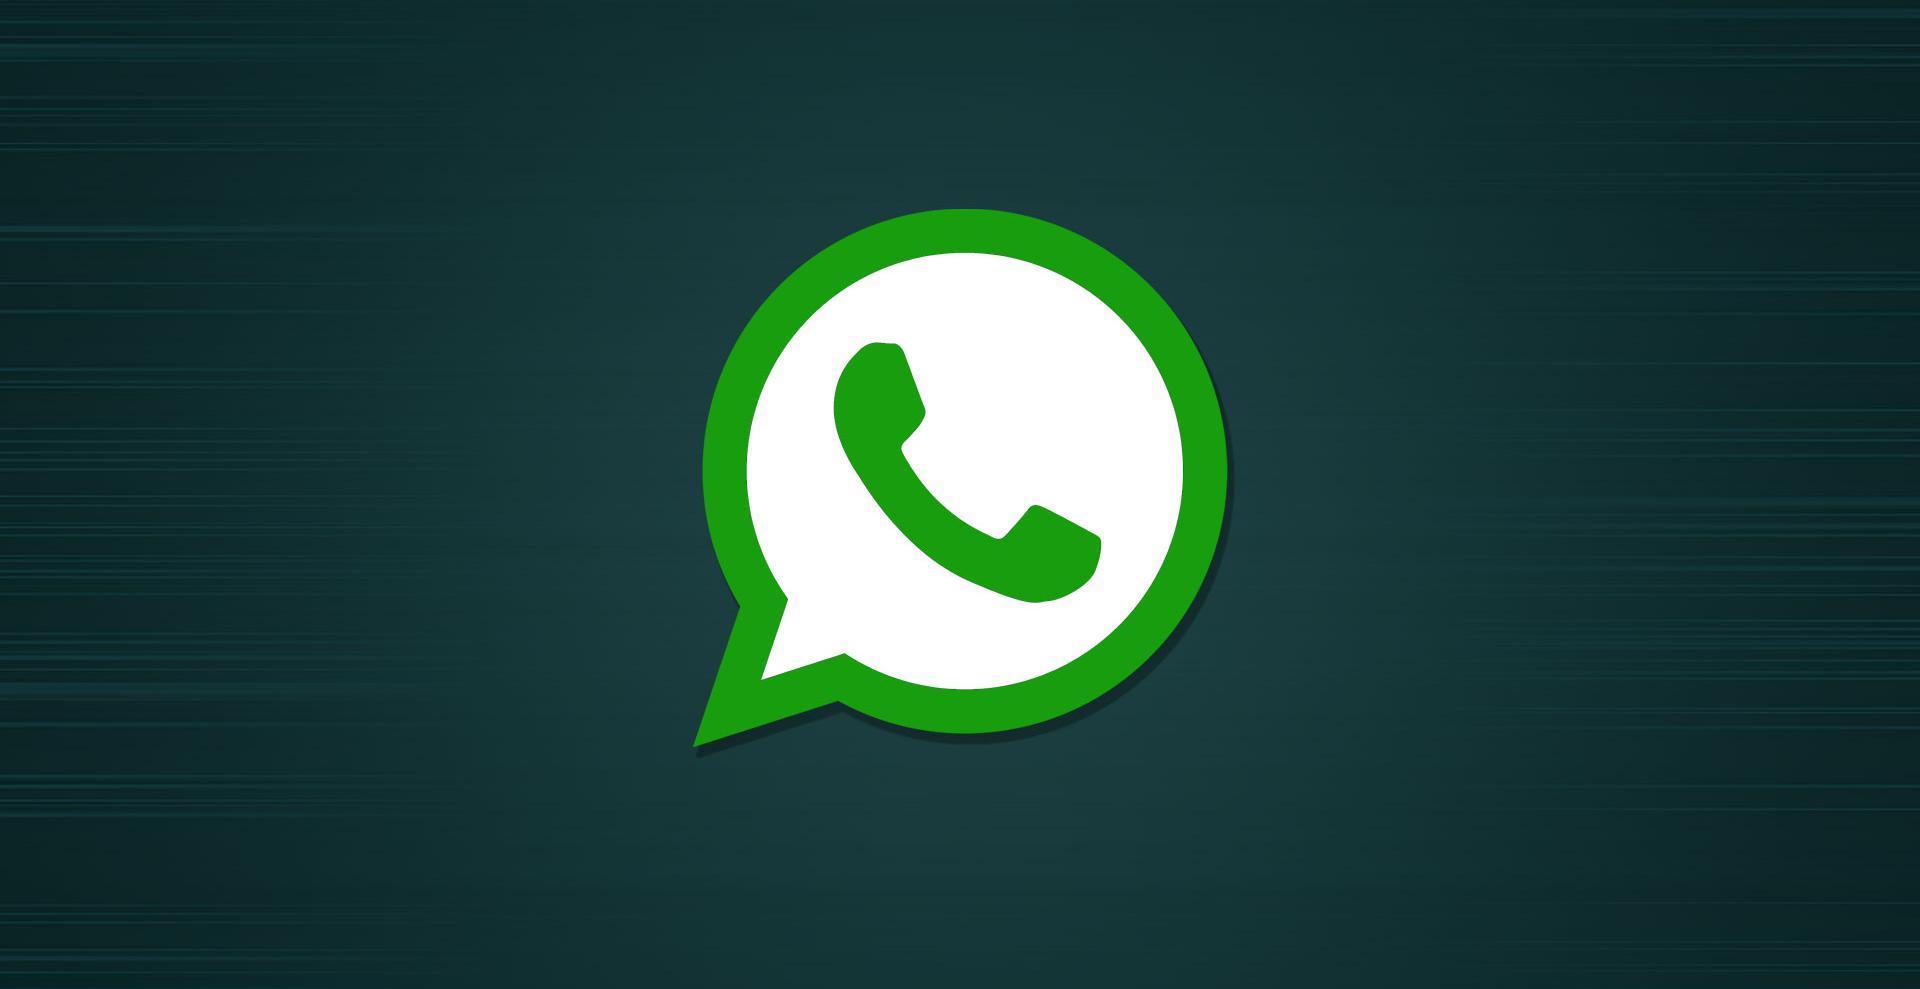 Госдума раскритиковала обновленные правила использования WhatsApp